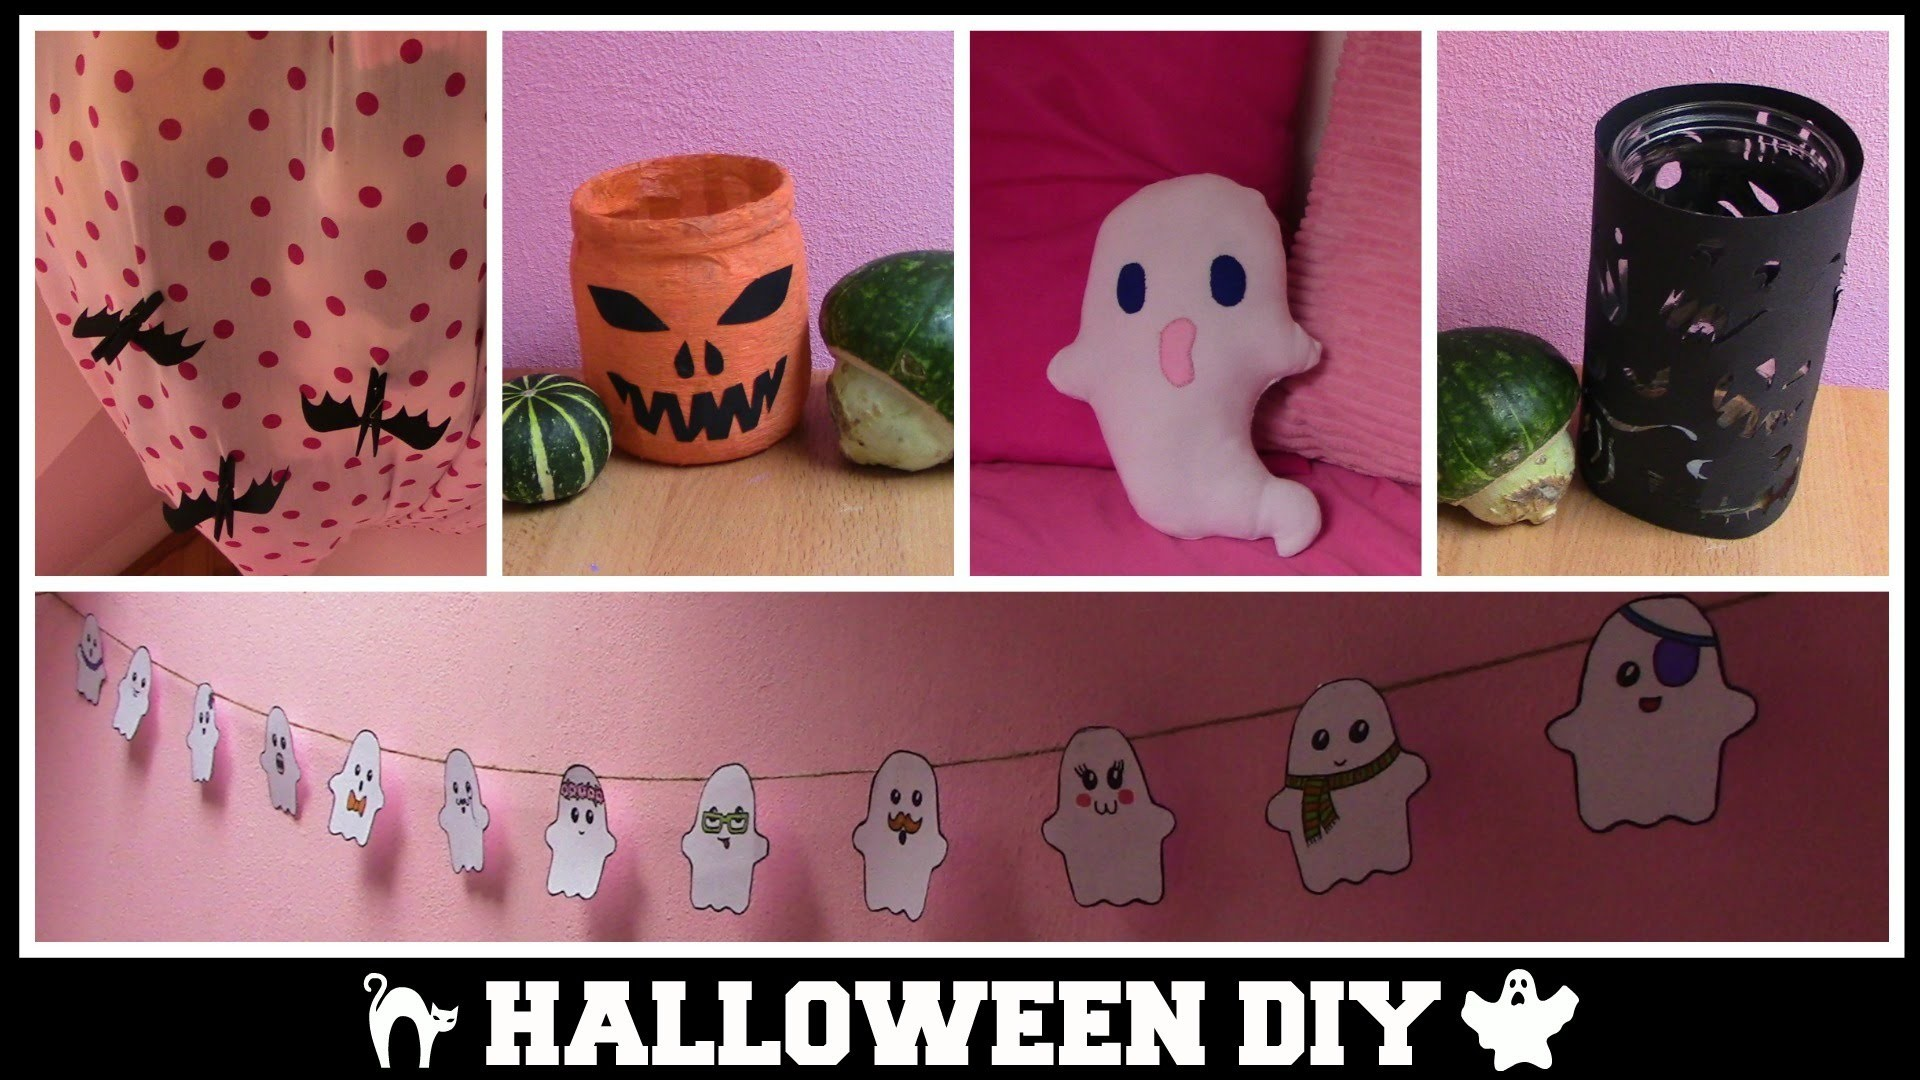 Halloweenské DIY dekorace. Halloween 2015